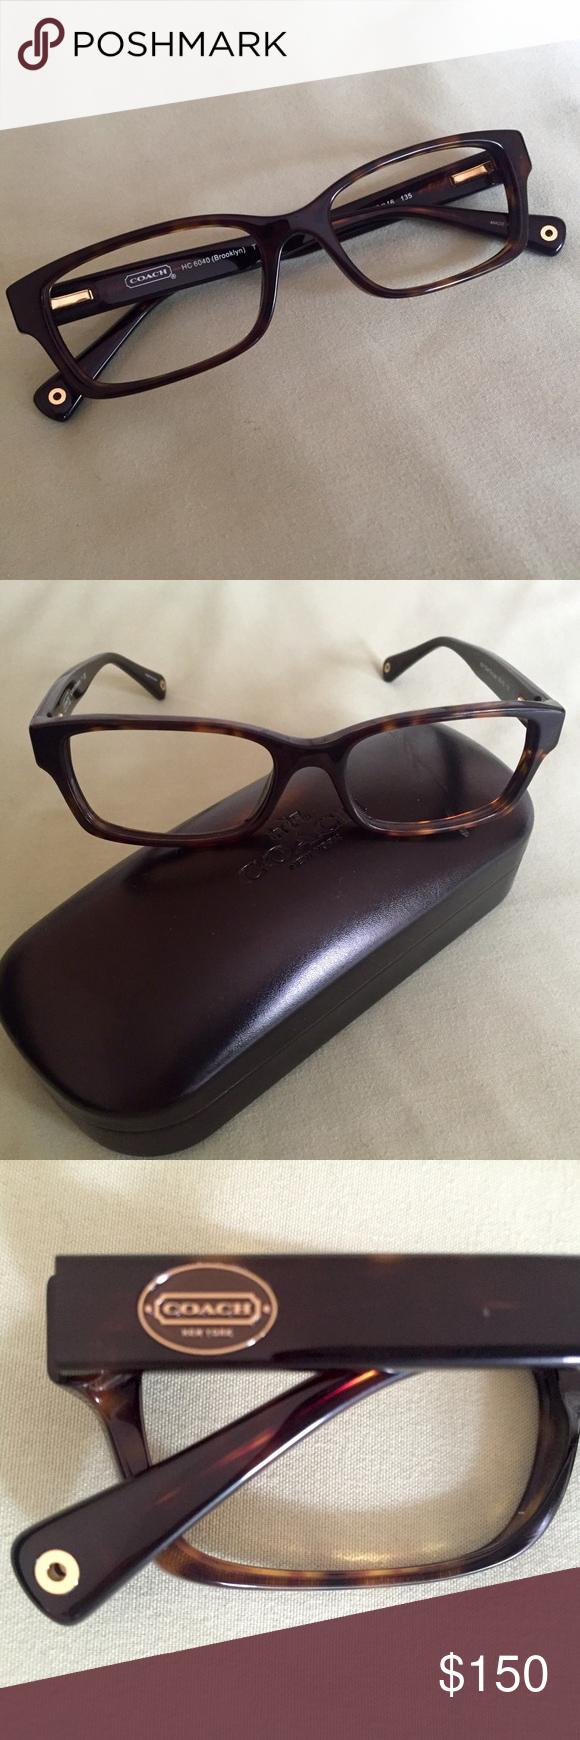 Coach rx glasses frame, dark tortoise | Tortoise, Lenses and ...